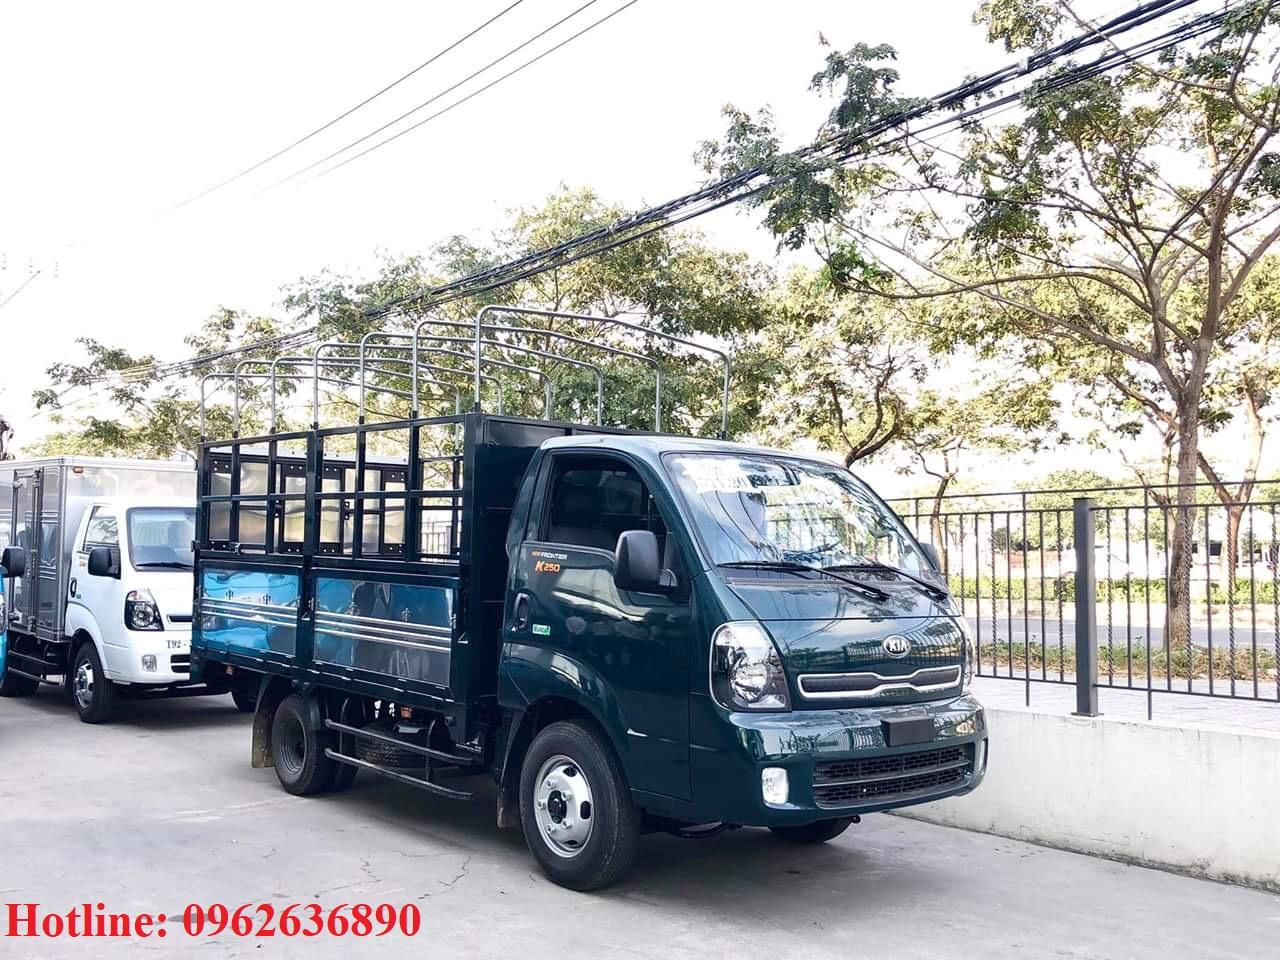 xe-tải-kia-k250-thùng-mui-bạt-năm-bửng-xanh-rêu